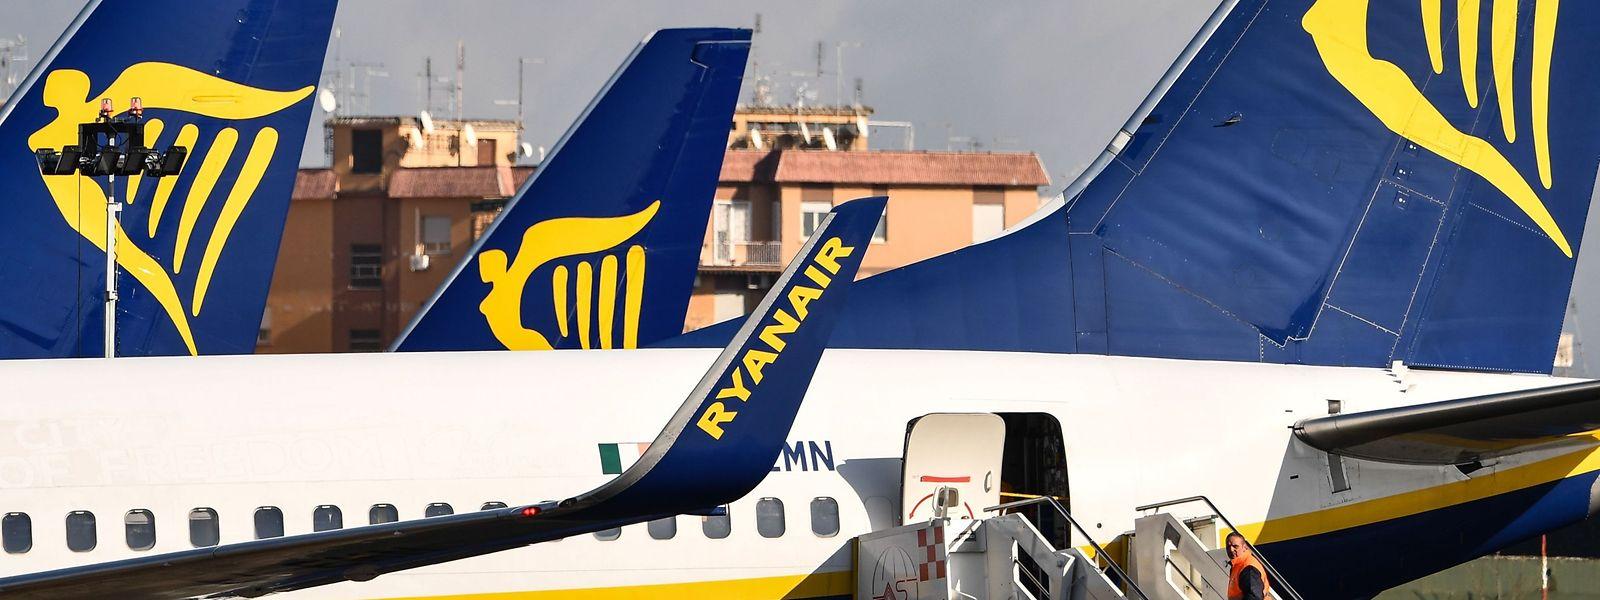 Die irische Fluggesellschaft reagiert mit einem Flugstopp auf die Vorsichtsmaßnahmen der italienischen Regierung.